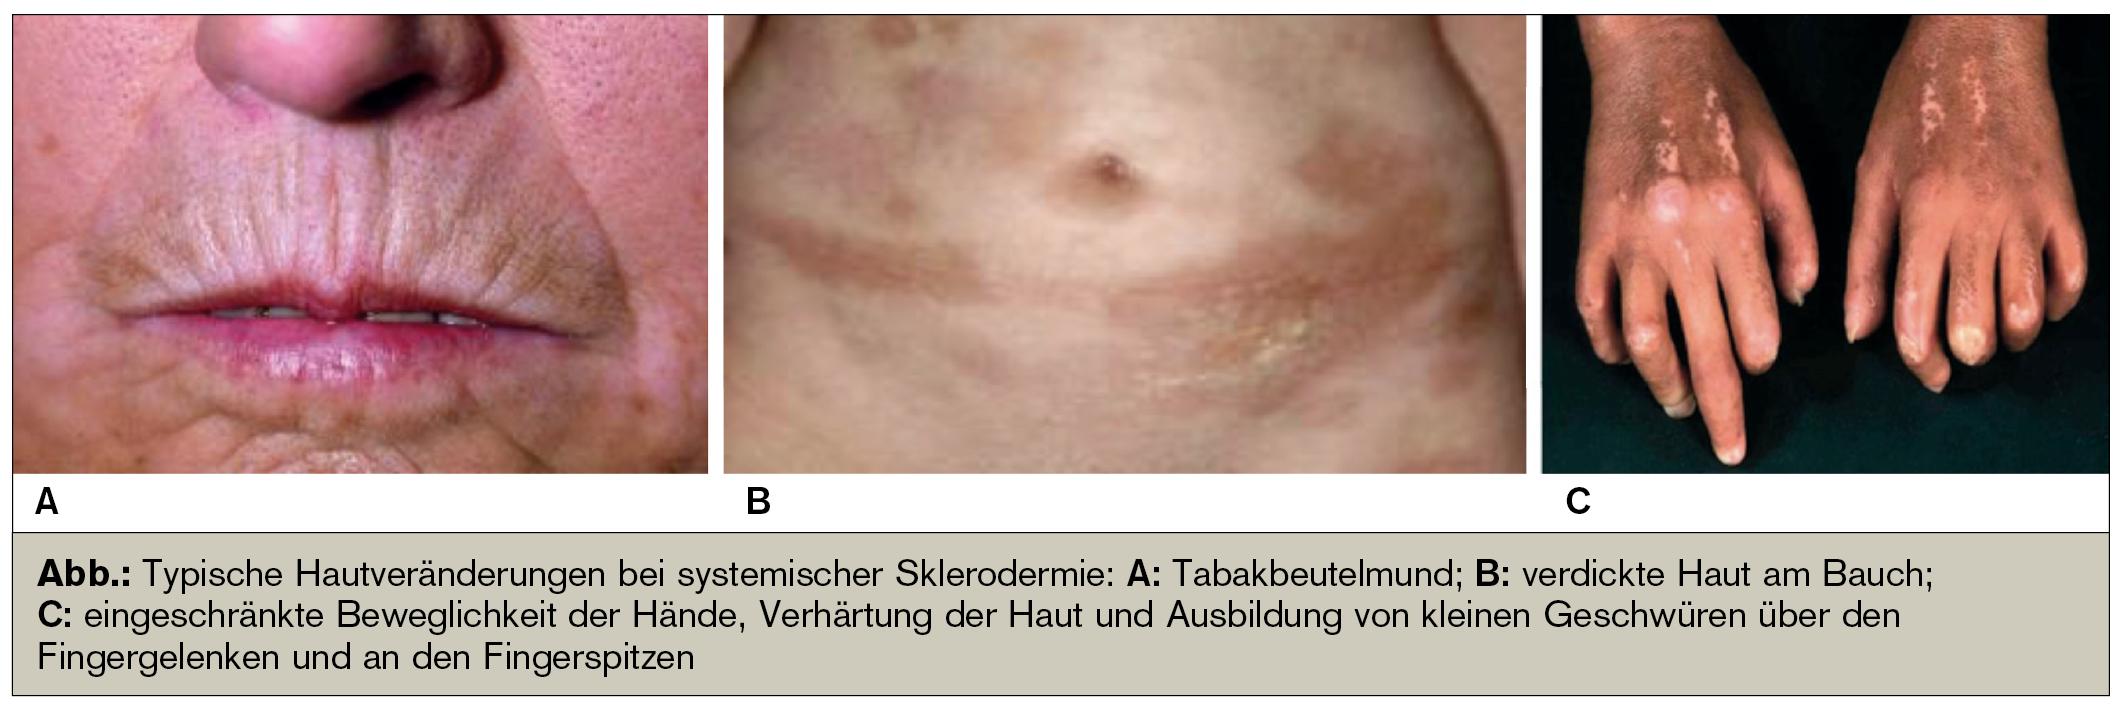 Sklerodermie – stigmatisierende Hautveränderungen | Universum Innere ...